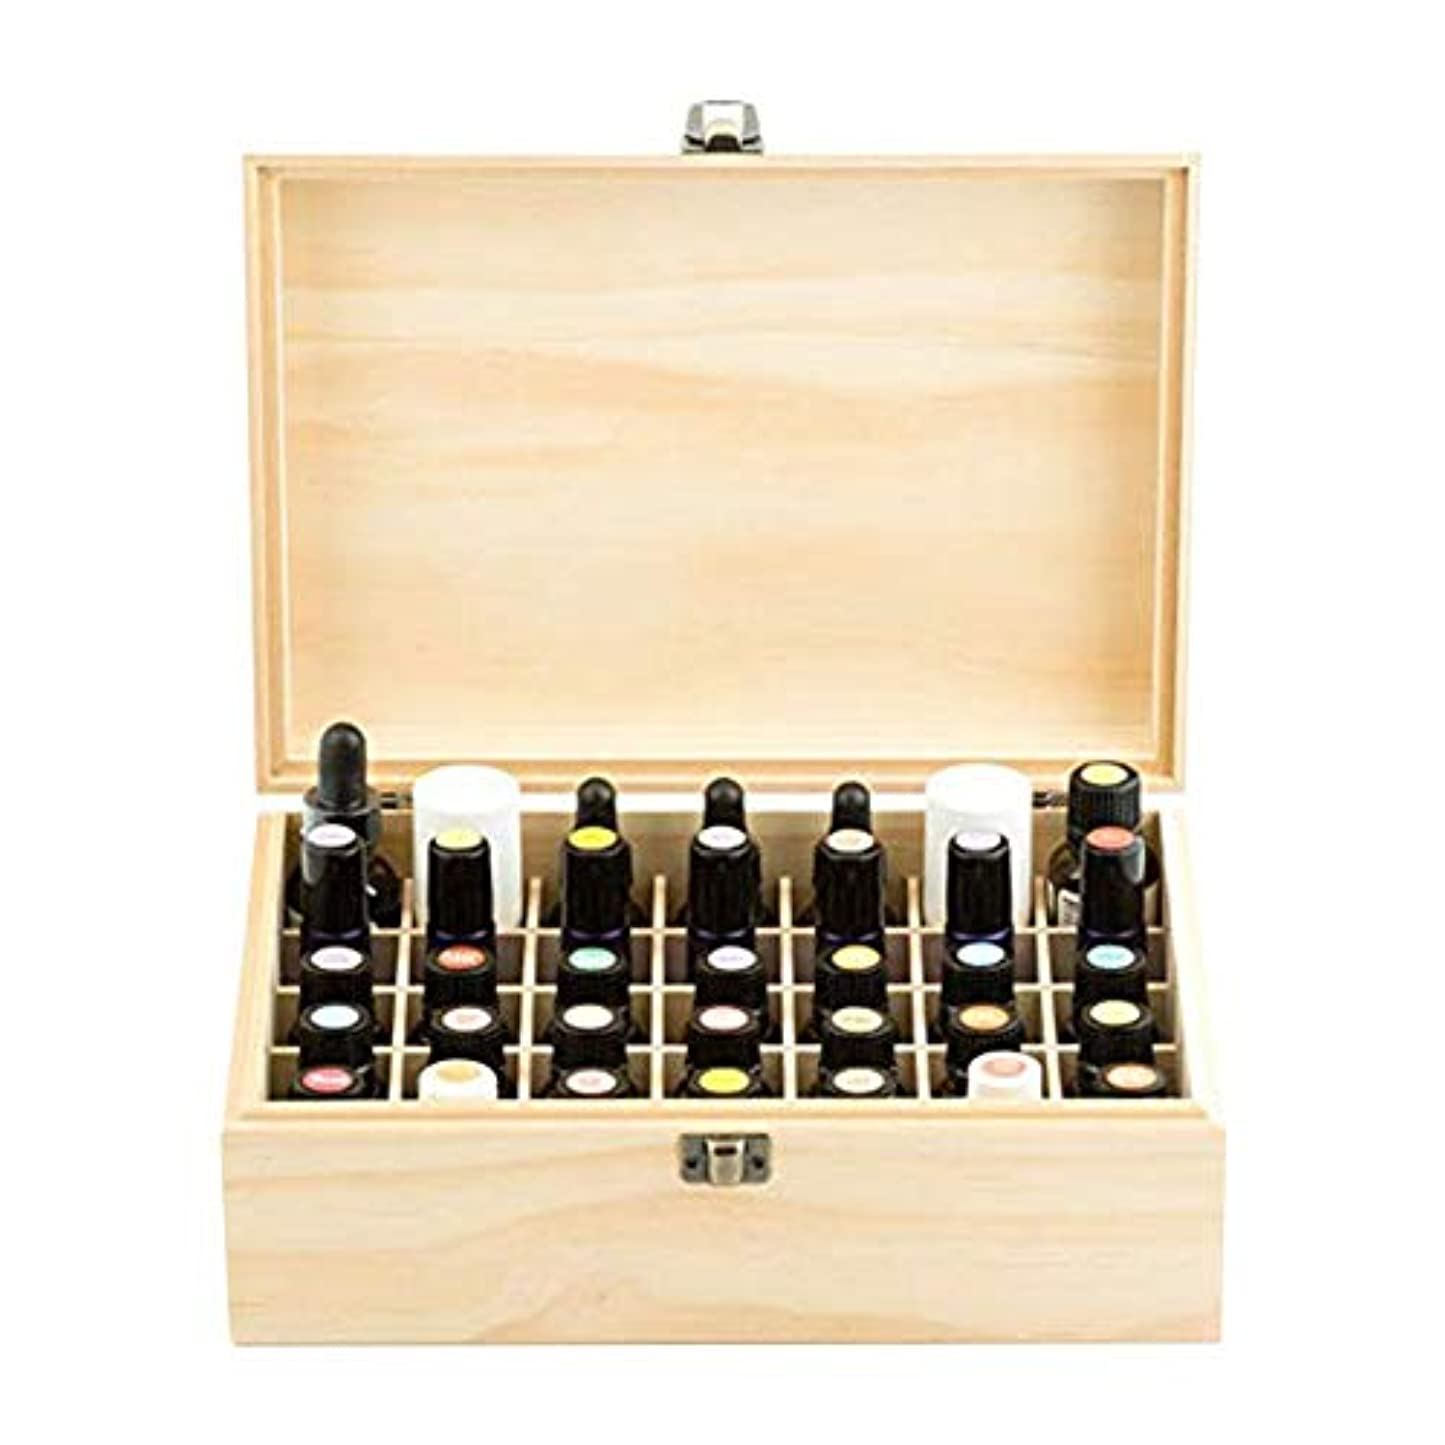 墓救いグラムエッセンシャルオイル収納ボックス 純木の精油の収納箱 香水収納ケース アロマオイル収納ボックス 35本用